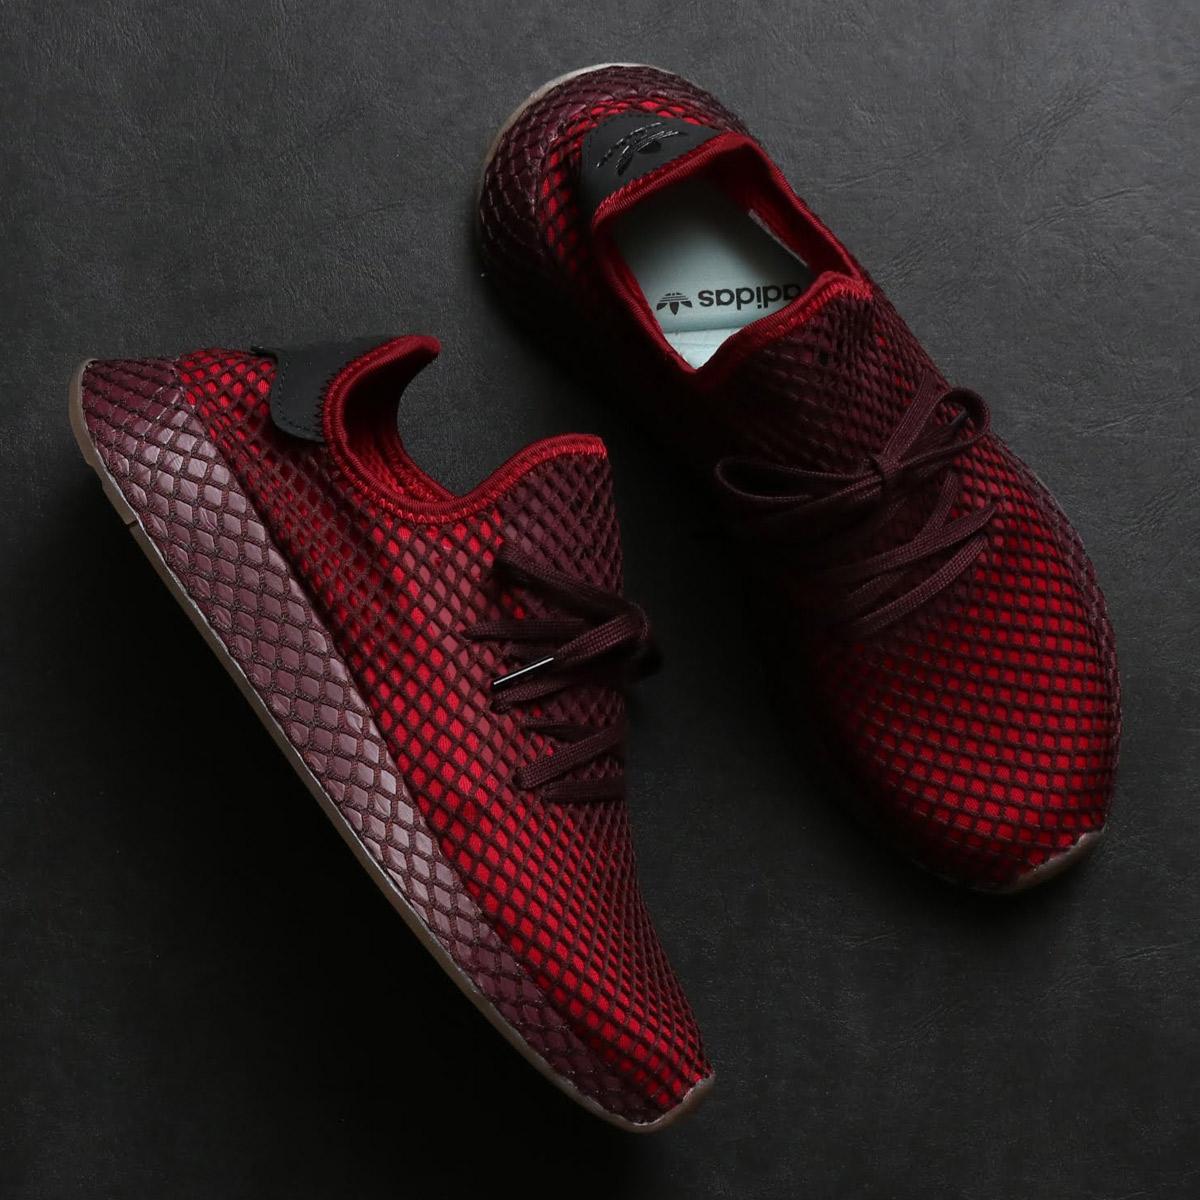 e0a8987a7 adidas Originals DEERUPT RUNNER (Adidas originals D - ラプトランナー) COLLEGEATE  BURGUNDY COLLEGEATE BURGUNDY ASH GREEN 18FW-I